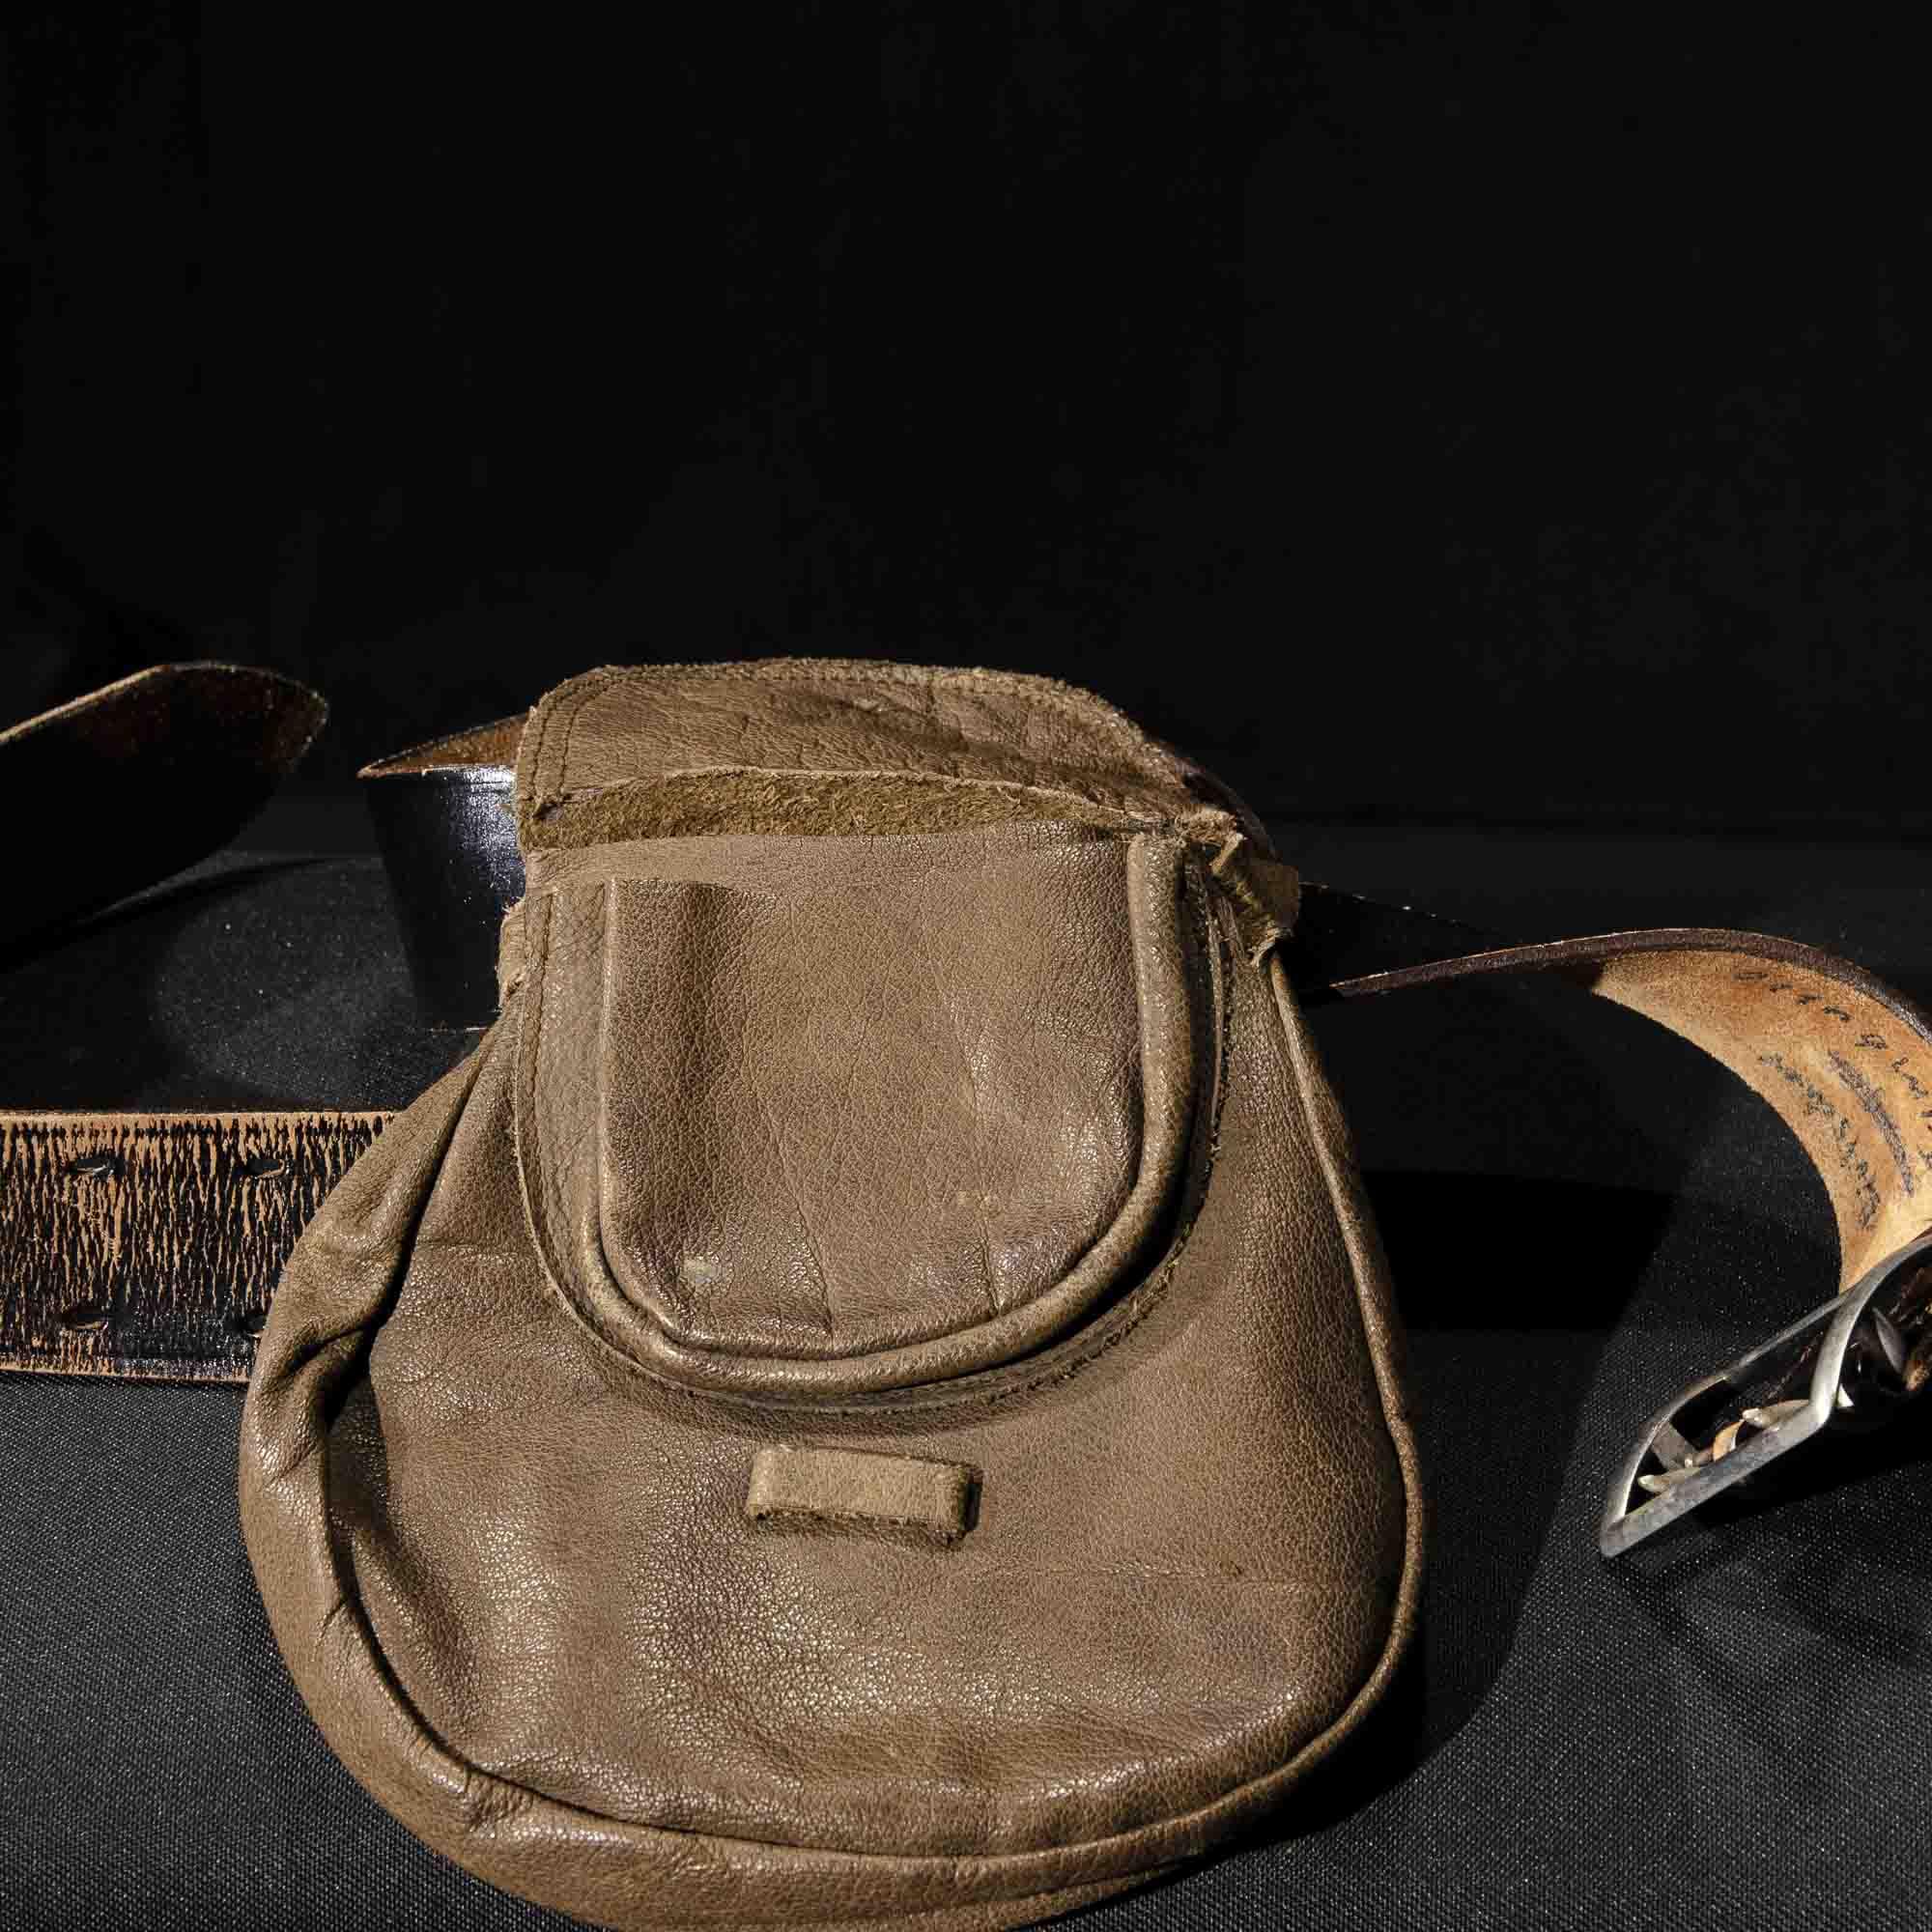 Ledergürtel mit Tasche GU011